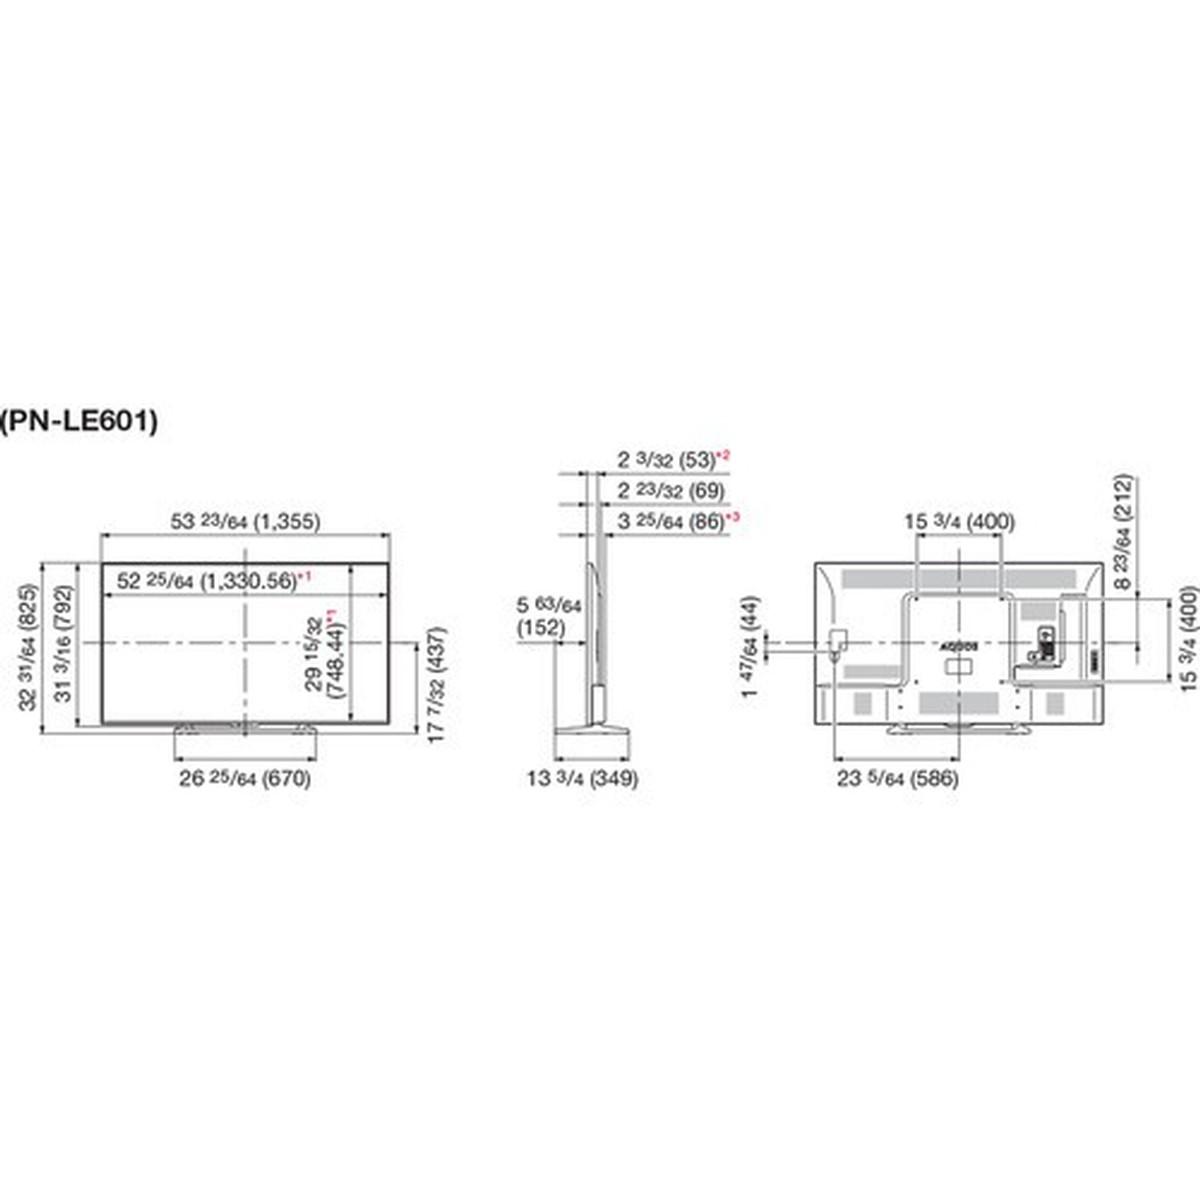 Sharp PN-LE601 60